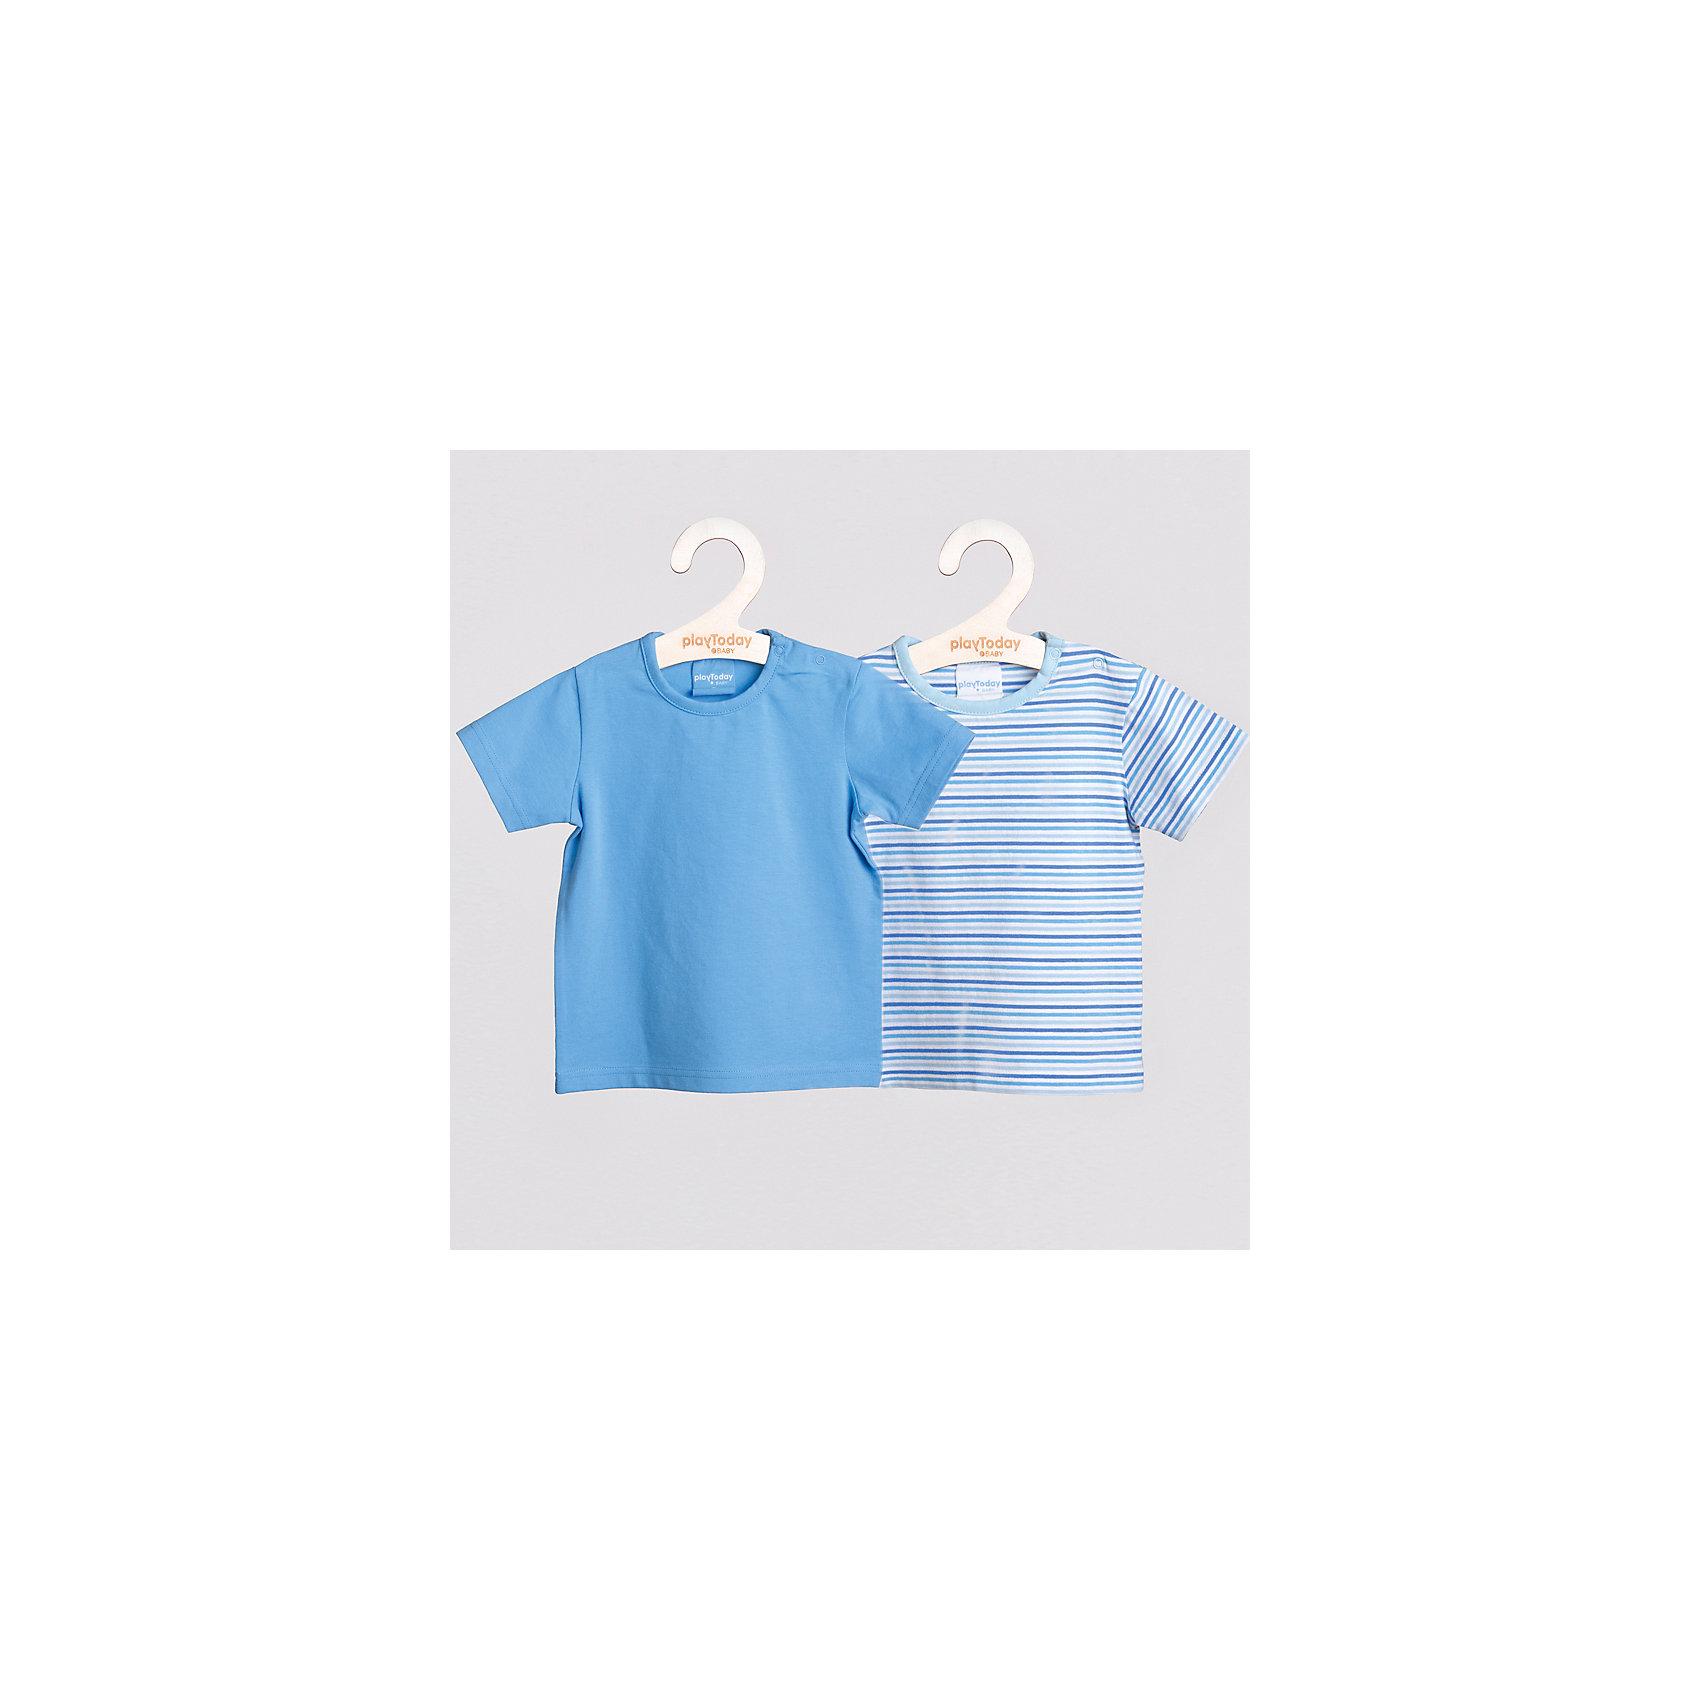 Футболка (2 шт.) для мальчика PlayTodayФутболка для мальчика (2 шт.) от известного бренда PlayToday. <br>Отличный комплект футболок с коротким рукавом для мальчика. <br>Приятные расцветки.  <br>Одно изделие однотонное, другое украшено ненавязчивым, спокойным принтом в горизонтальную полоску. <br>Обе модели легко комбинировать с другими предметами гардероба. Отличный выбор для базового летнего гардероба мальчика.   <br>* в комлекте два изделия <br>* округлый вырез горловины <br>* удобная застежка: кнопочки на плечике <br>* горловина обработана трикотажной бейкой <br>Состав: 100% хлопок<br><br>Ширина мм: 199<br>Глубина мм: 10<br>Высота мм: 161<br>Вес г: 151<br>Цвет: голубой<br>Возраст от месяцев: 12<br>Возраст до месяцев: 15<br>Пол: Мужской<br>Возраст: Детский<br>Размер: 80,86,74,92<br>SKU: 3987137